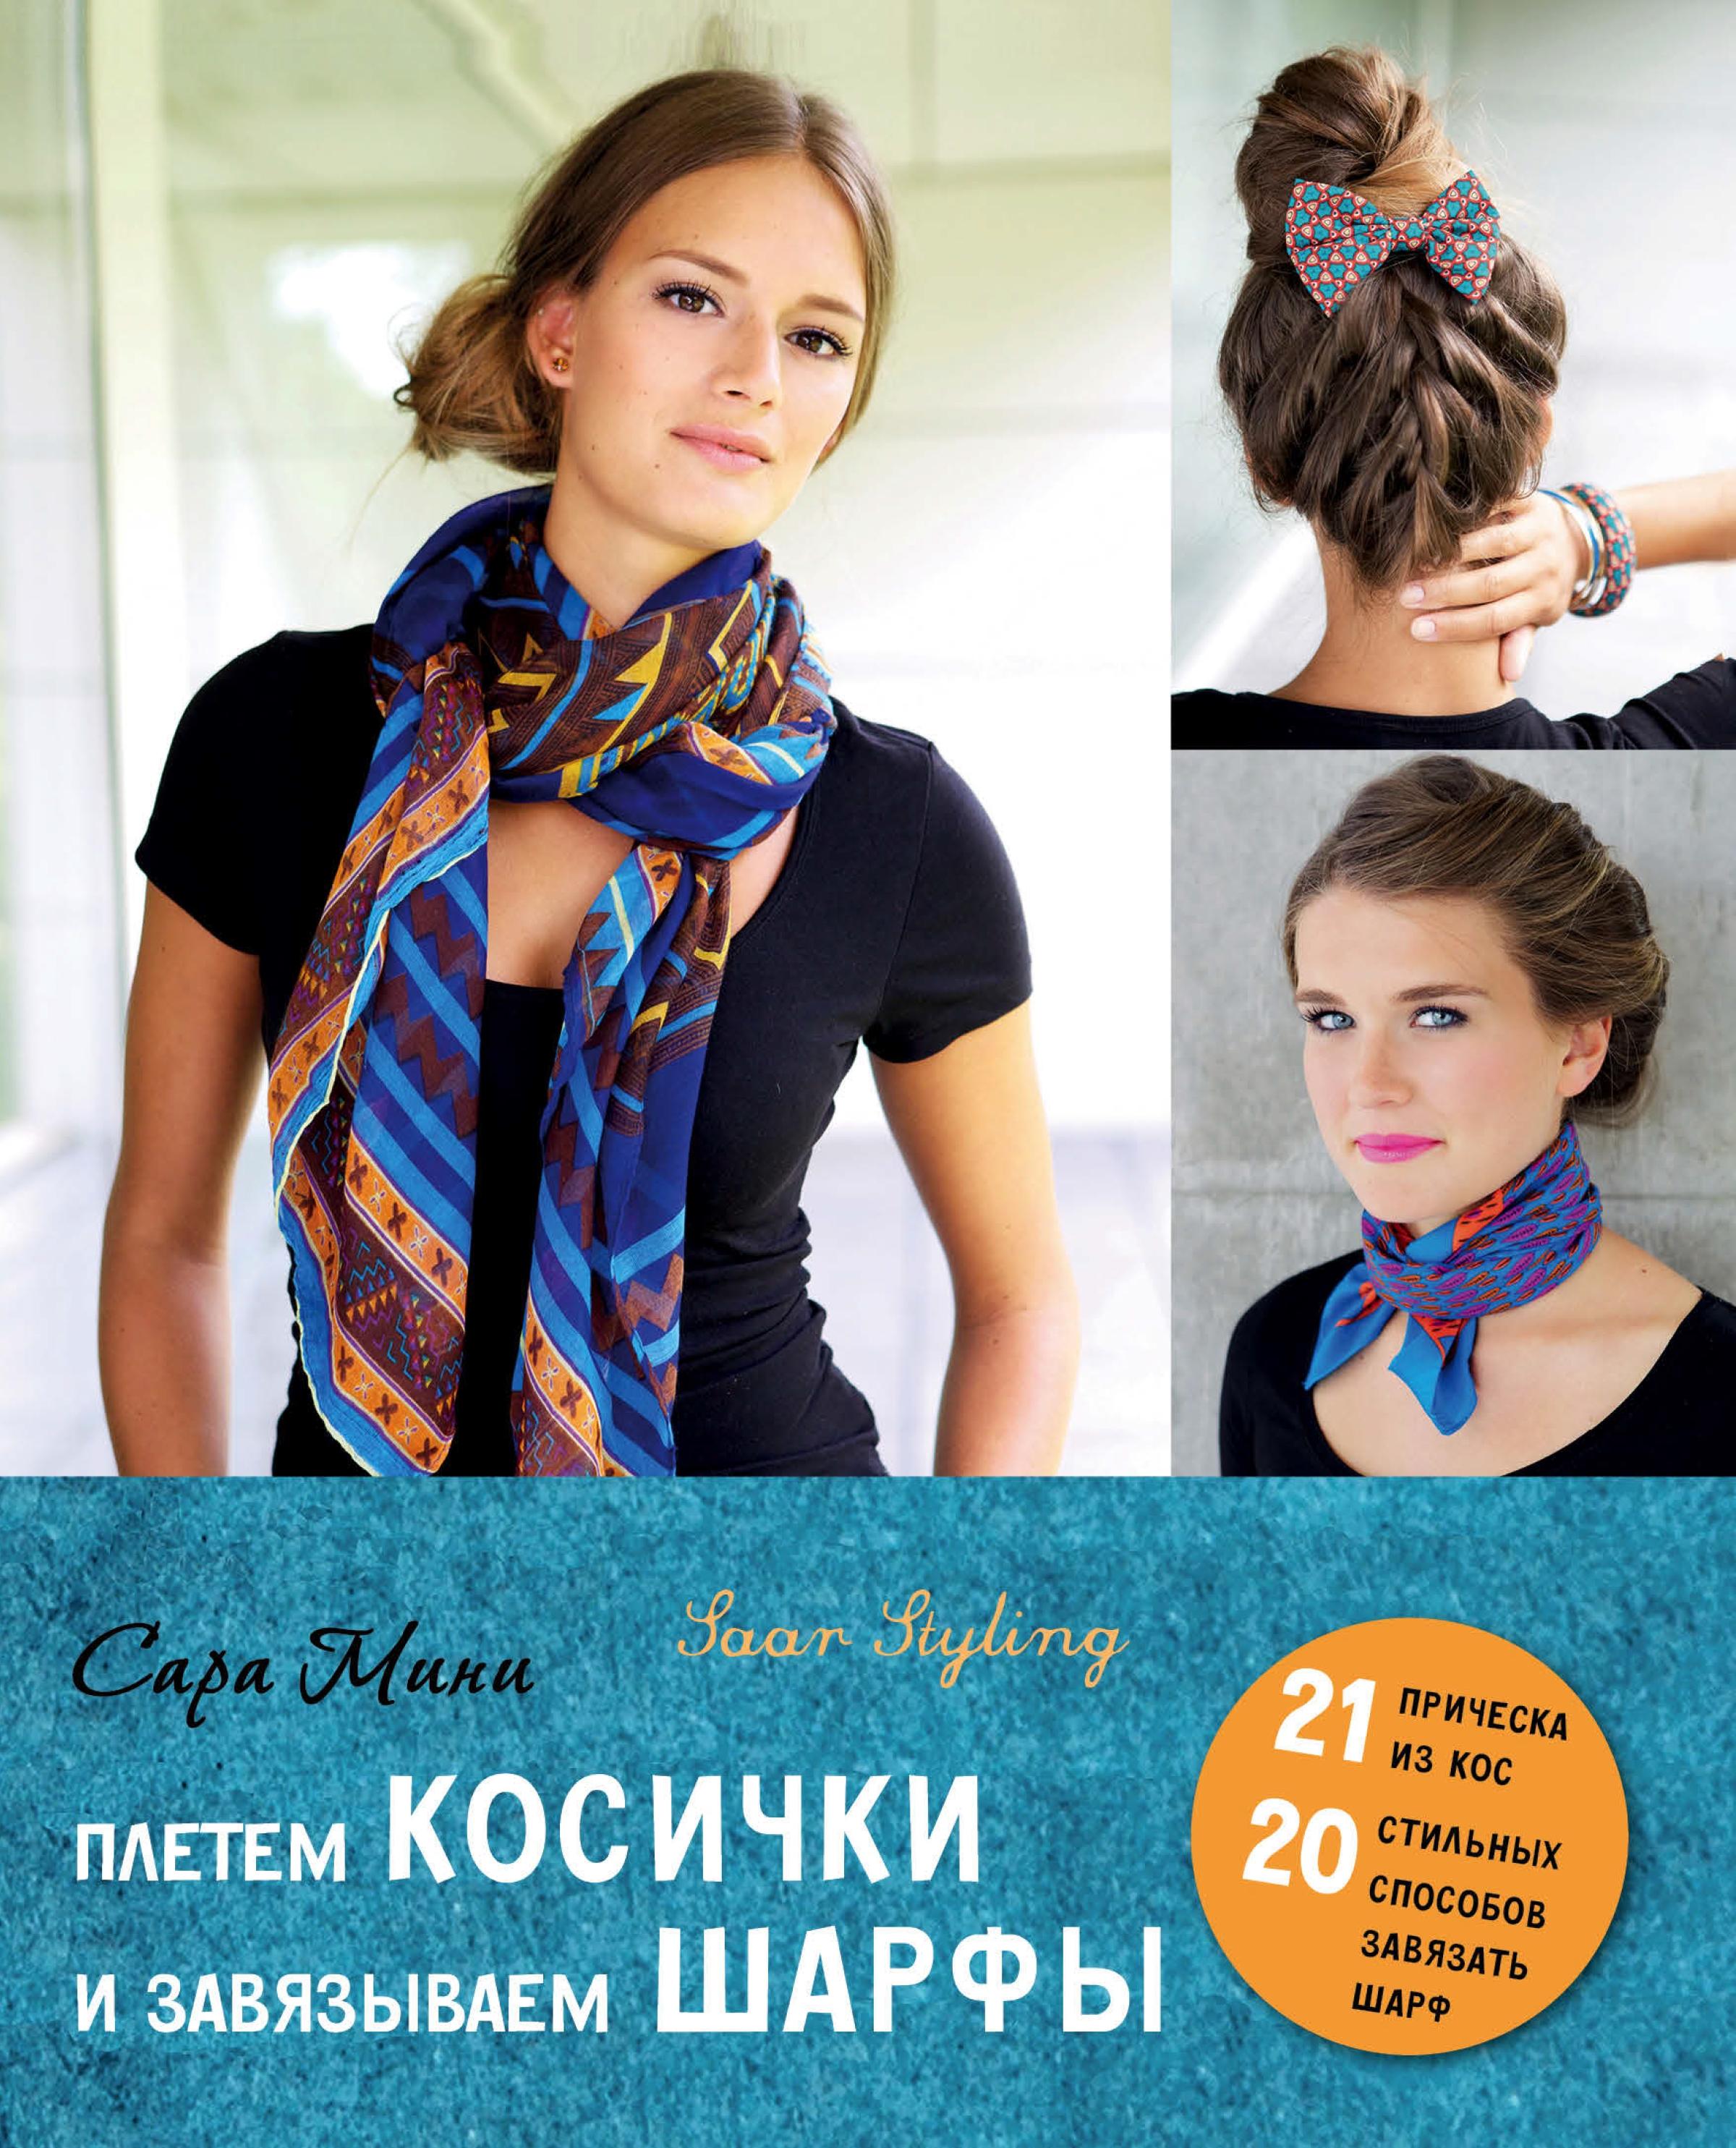 Сара Мини Плетем косички и завязываем шарфы